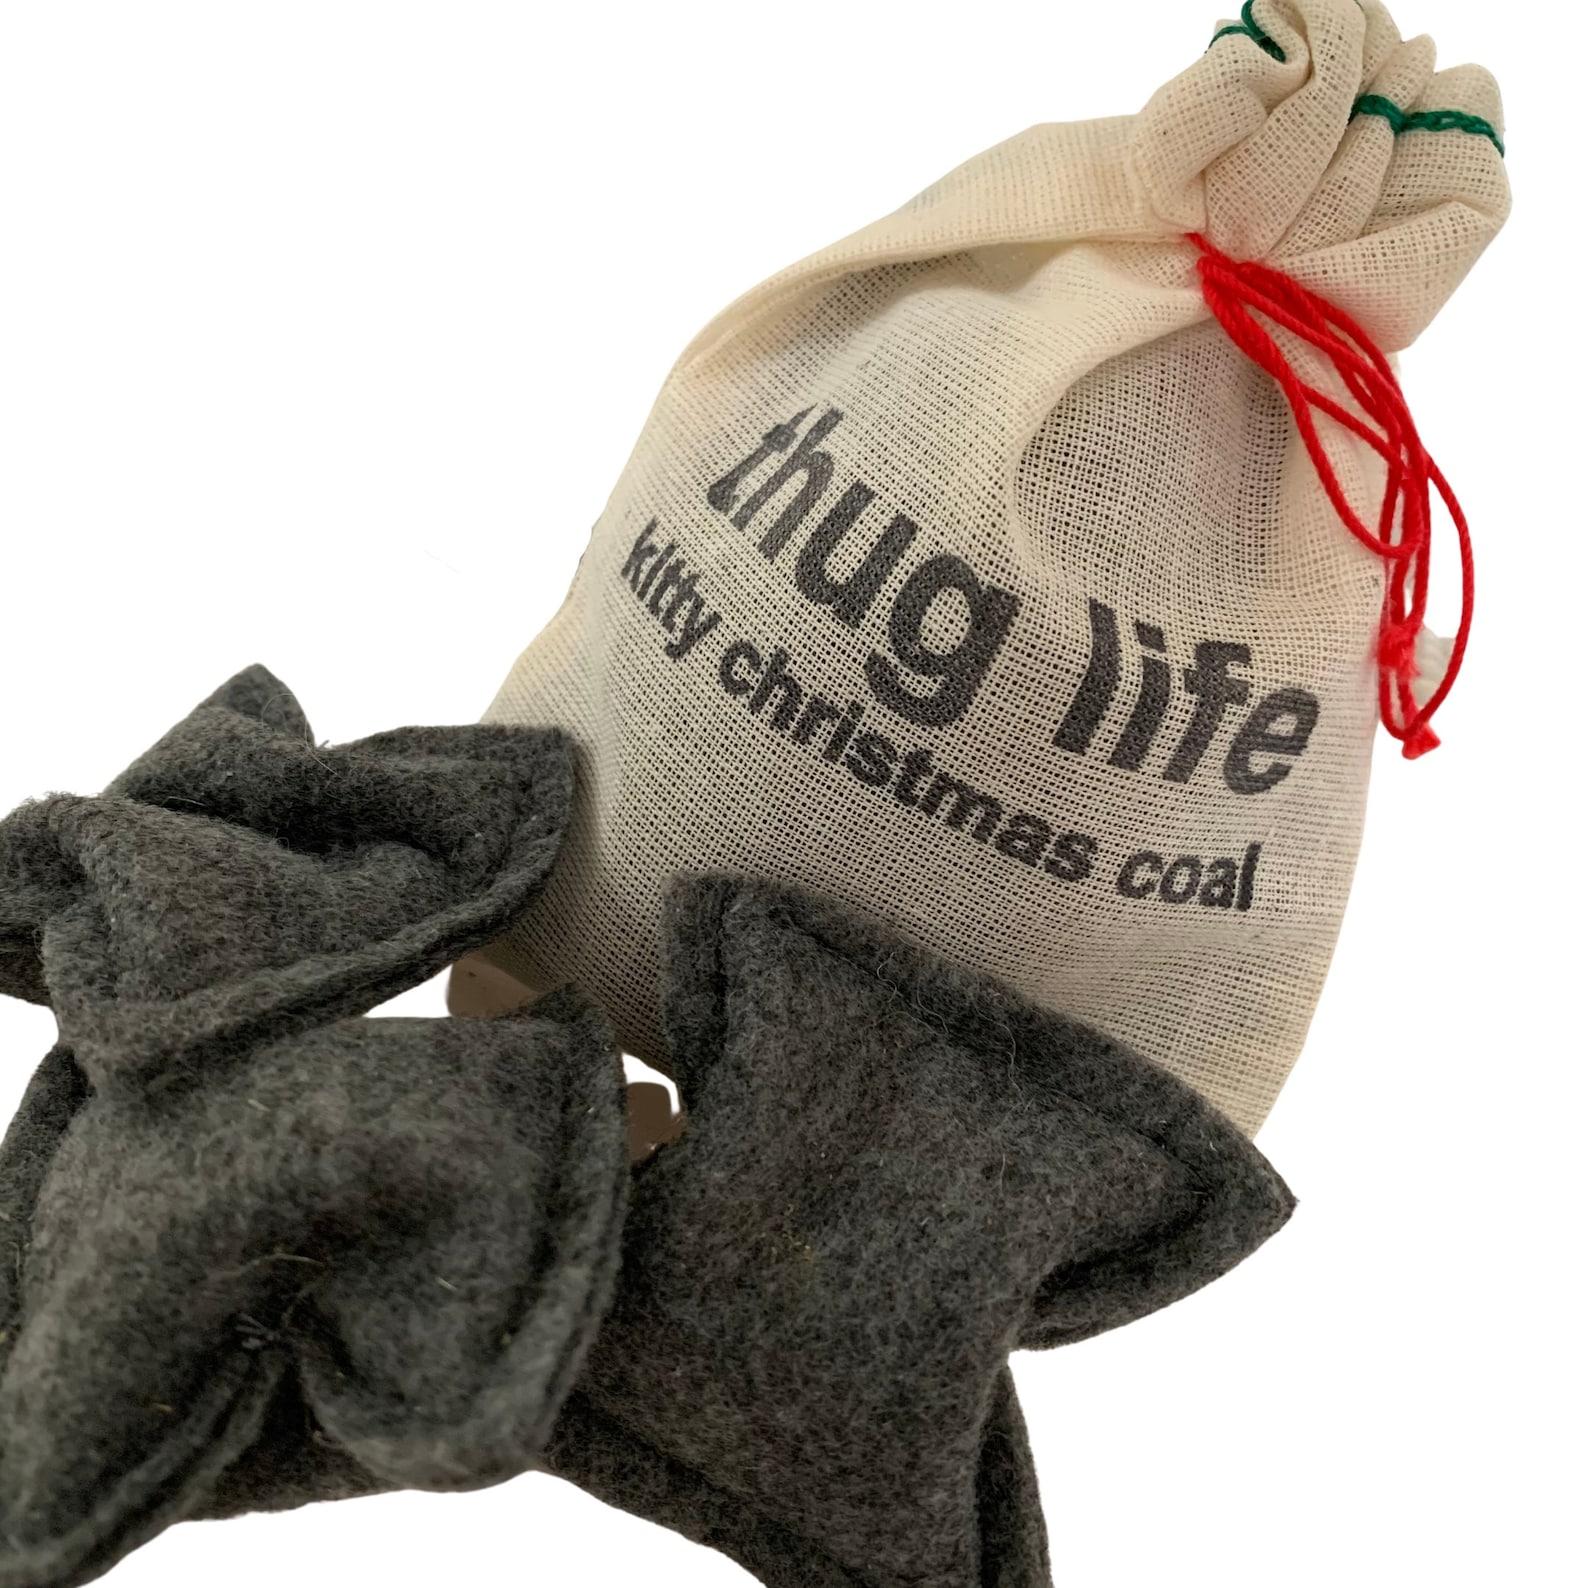 Thug Life Catnip Coal